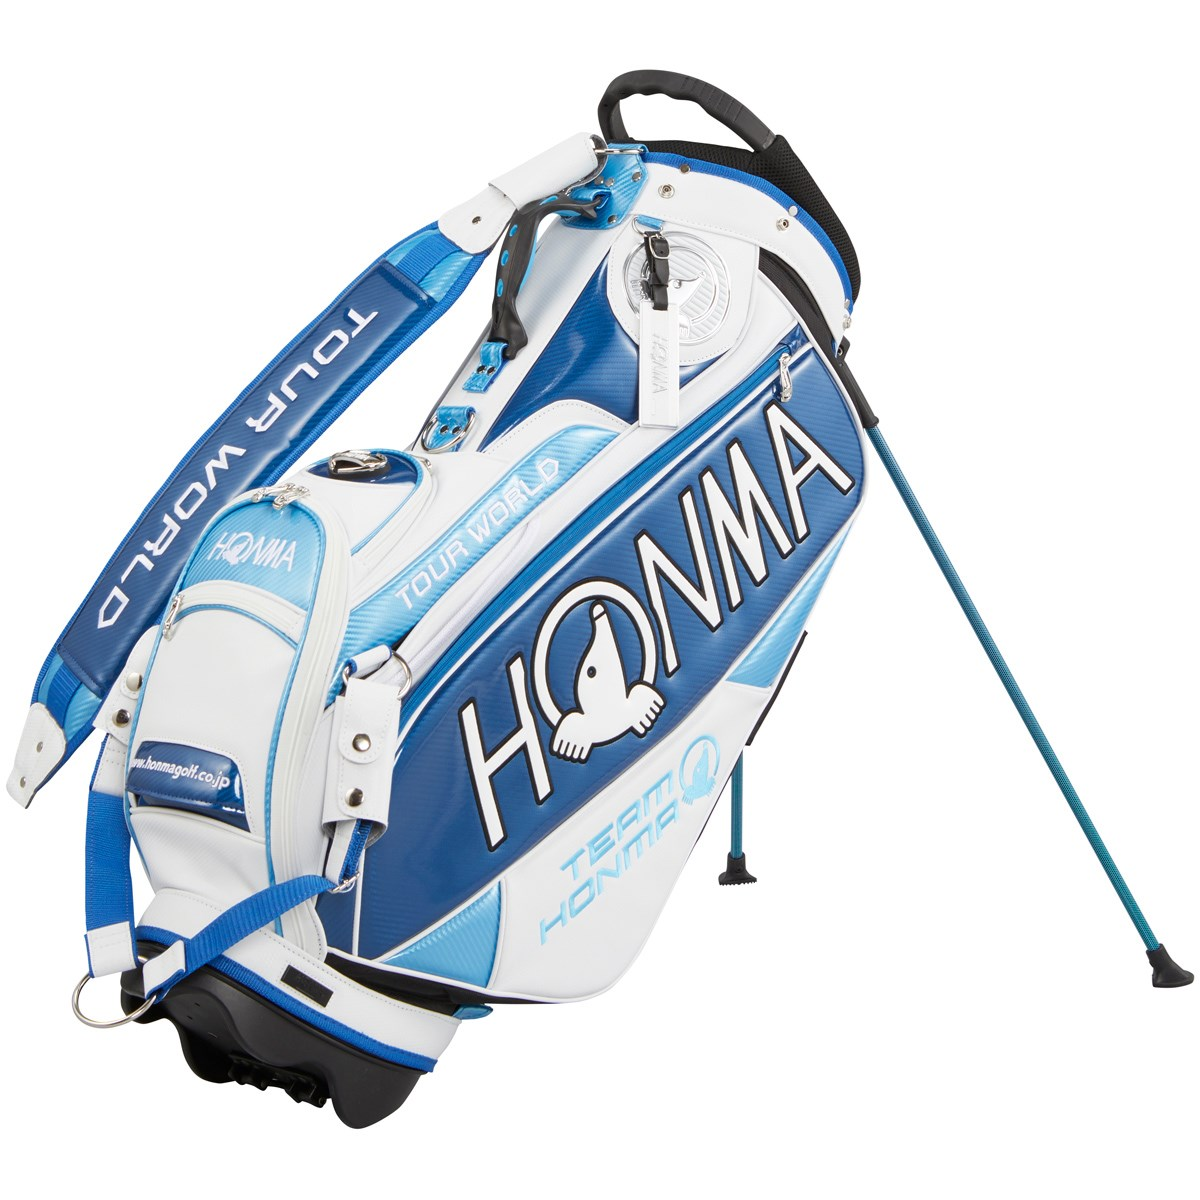 本間ゴルフ(HONMA GOLF) Regular LINE スタンドキャディバッグ